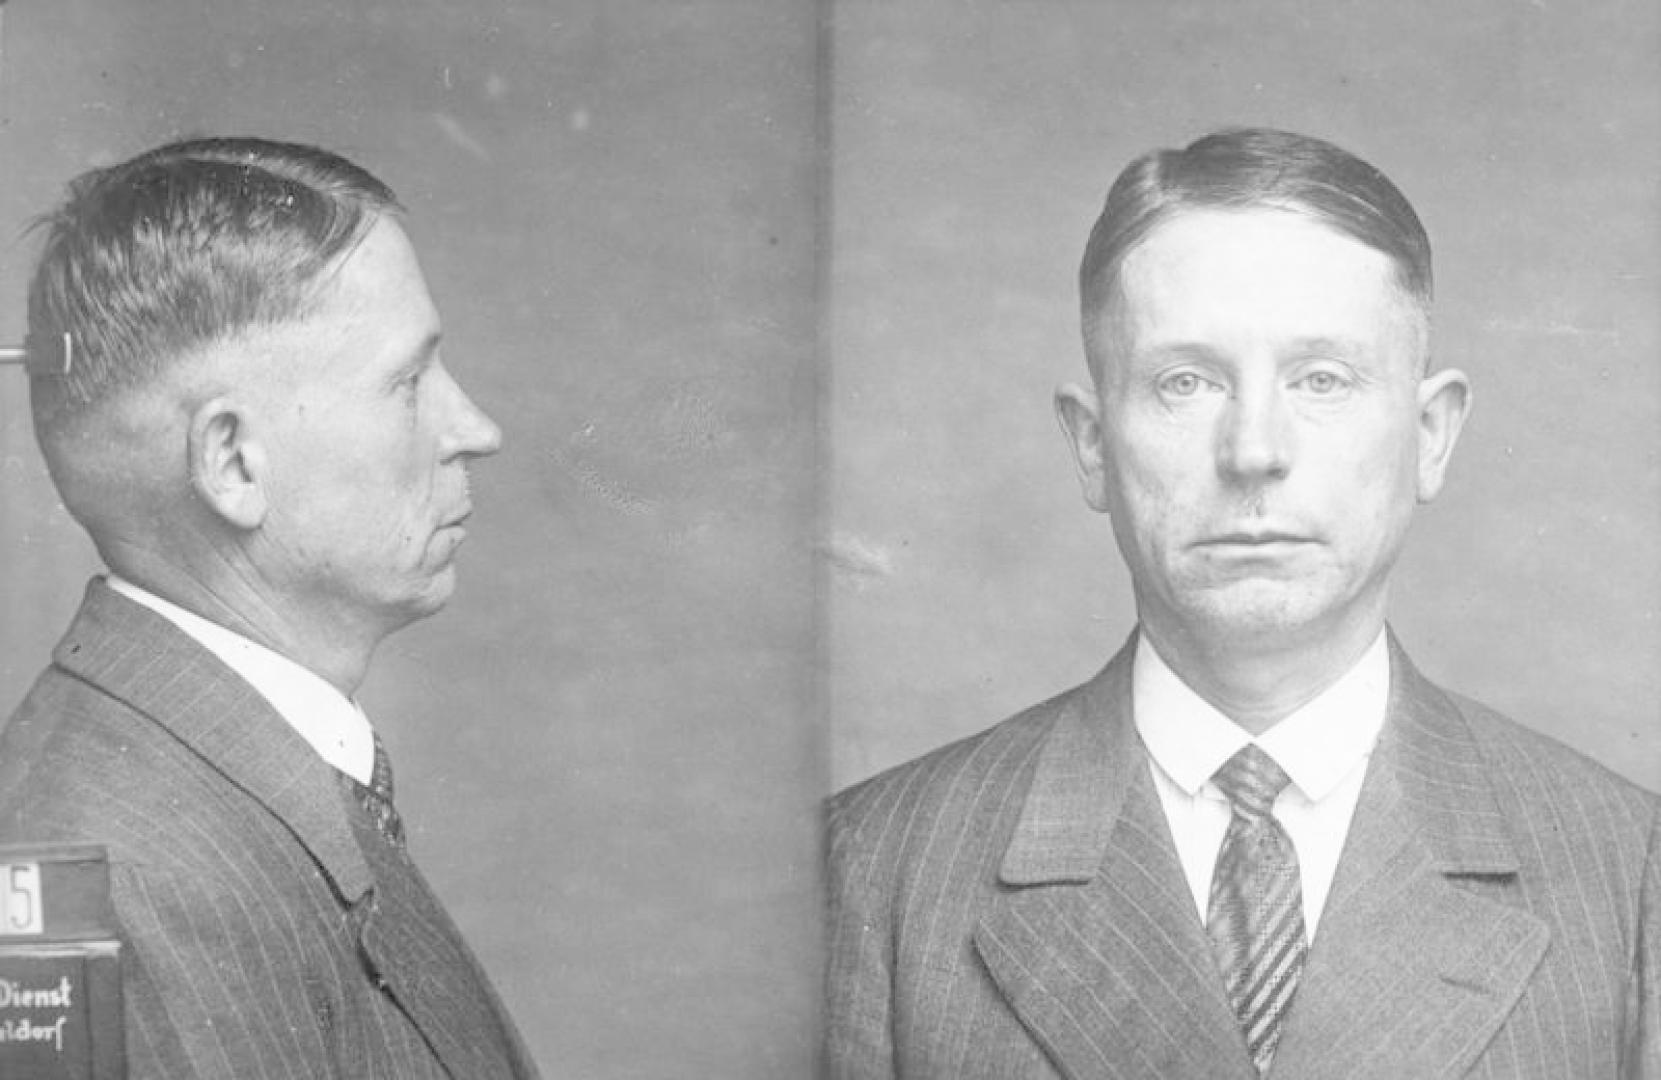 Peter Kürten